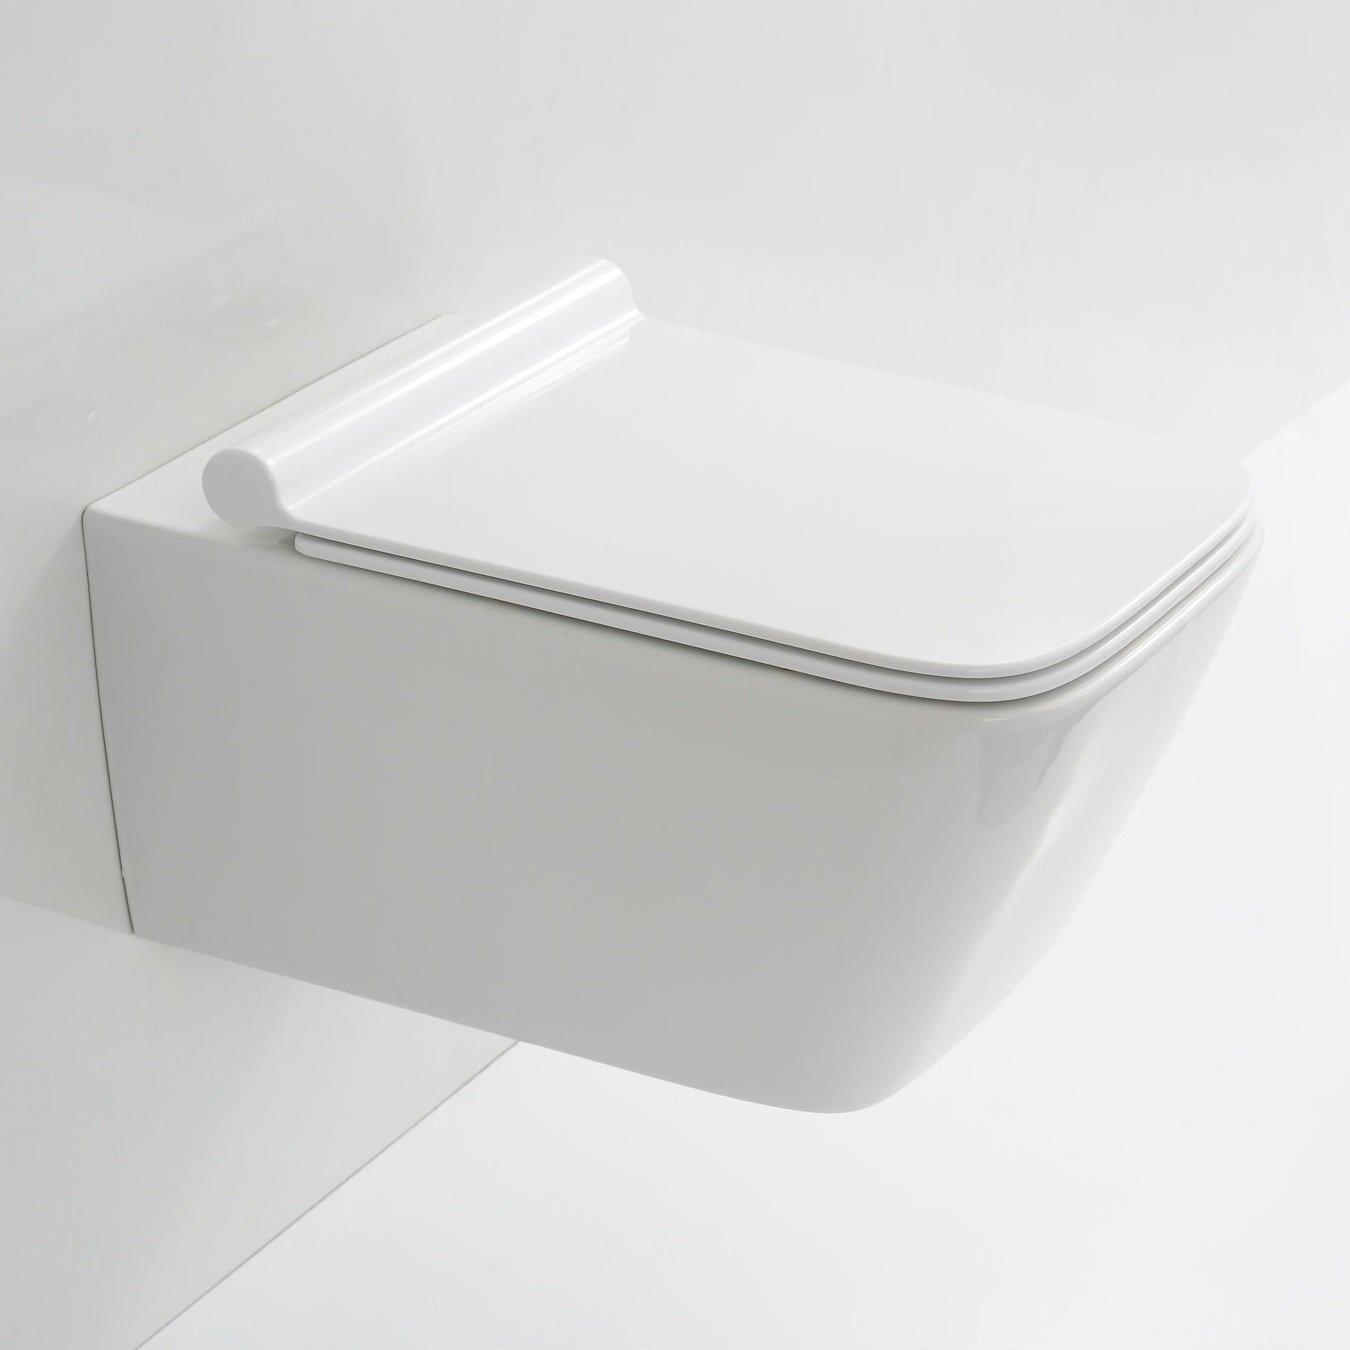 Neg hänge wc uno19 slimline tiefspülerrandloseckig toilette mit geschlossenem unterspülrand duroplast soft close deckel und nano beschichtung